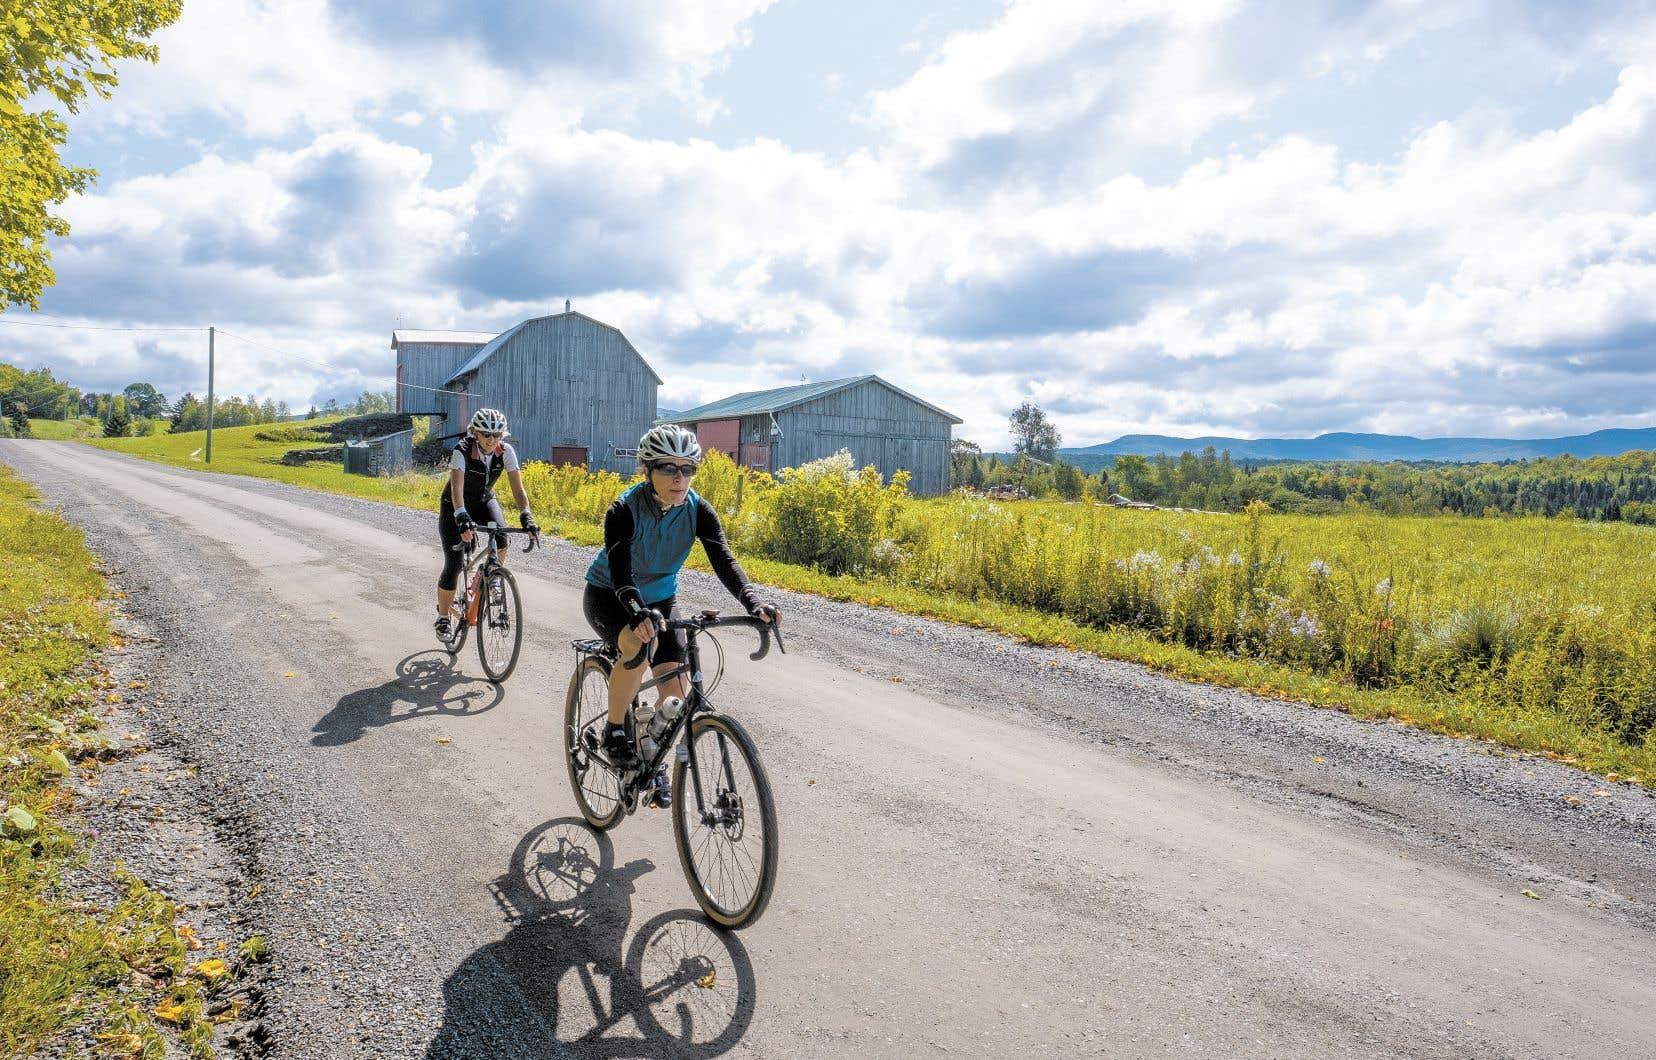 Le chemin Stagecoach, dans les Cantons-de-l'Est